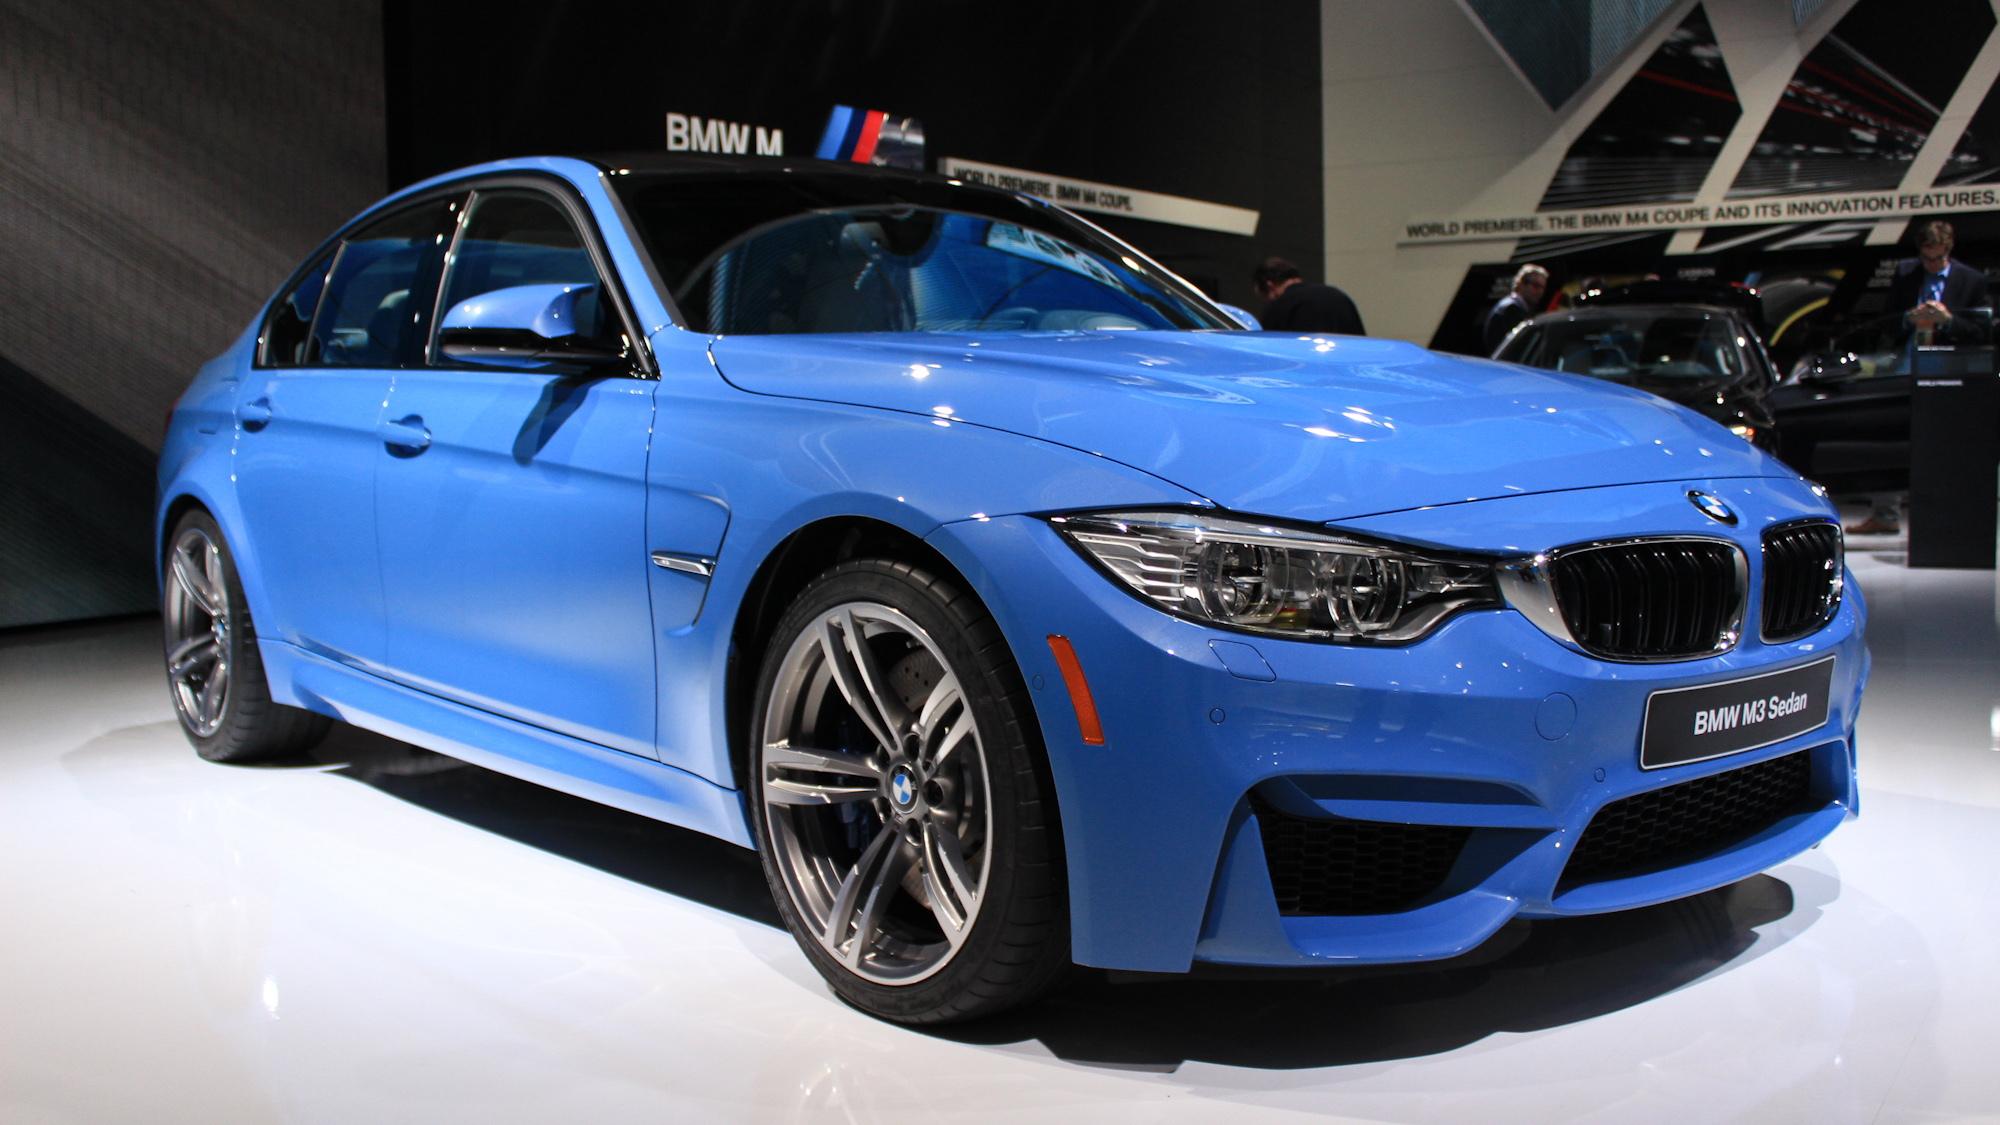 2015 BMW M3 live photos, 2014 Detroit Auto Show